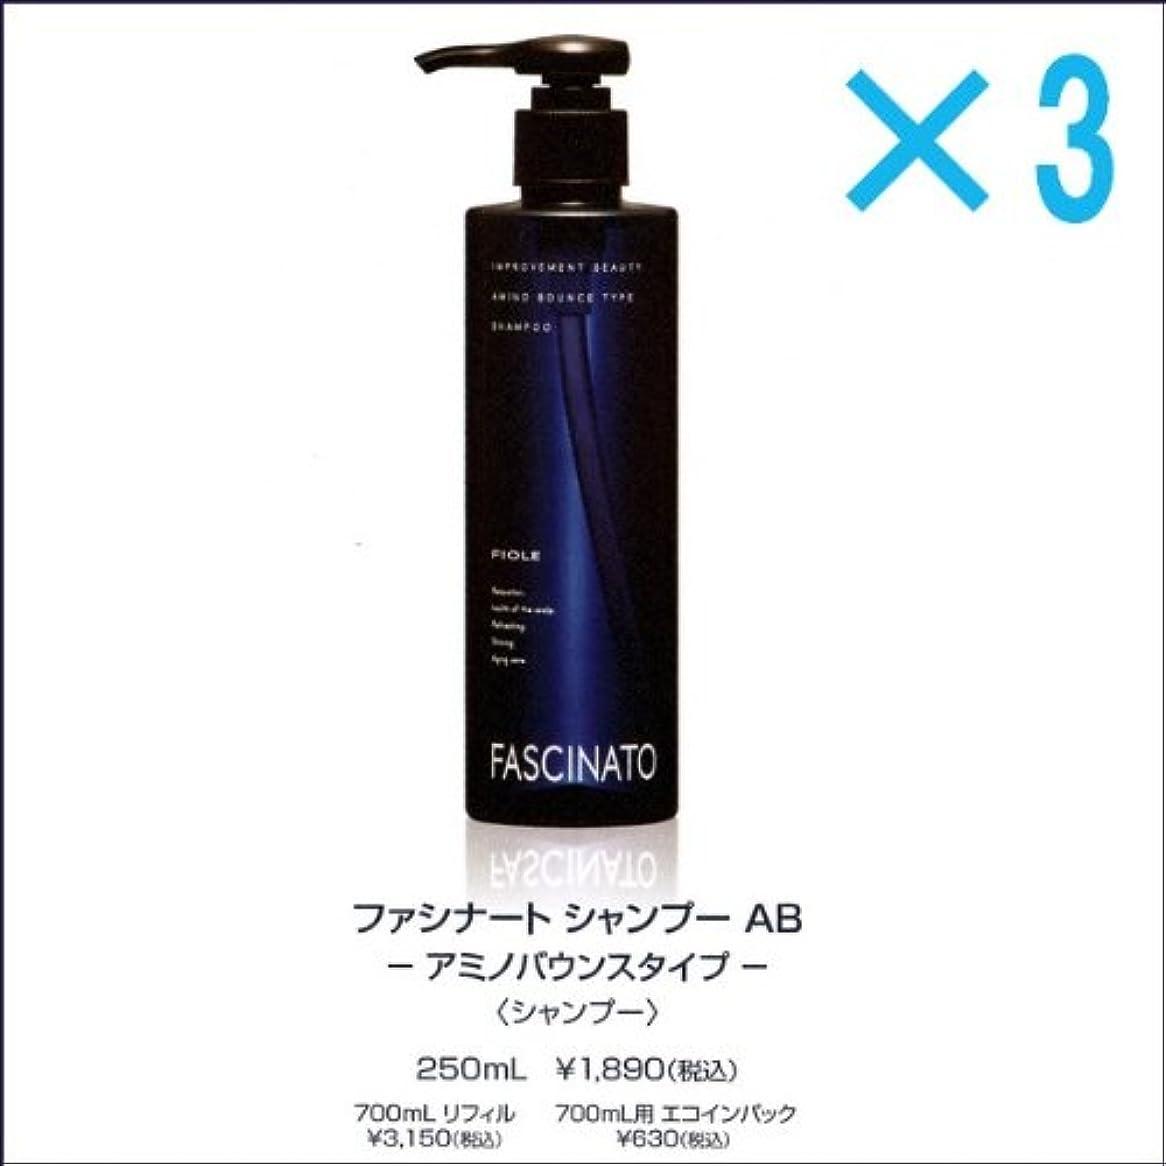 【X3個セット】 フィヨーレ ファシナート シャンプー AB 250ml アミノバウンスタイプ FIOLE